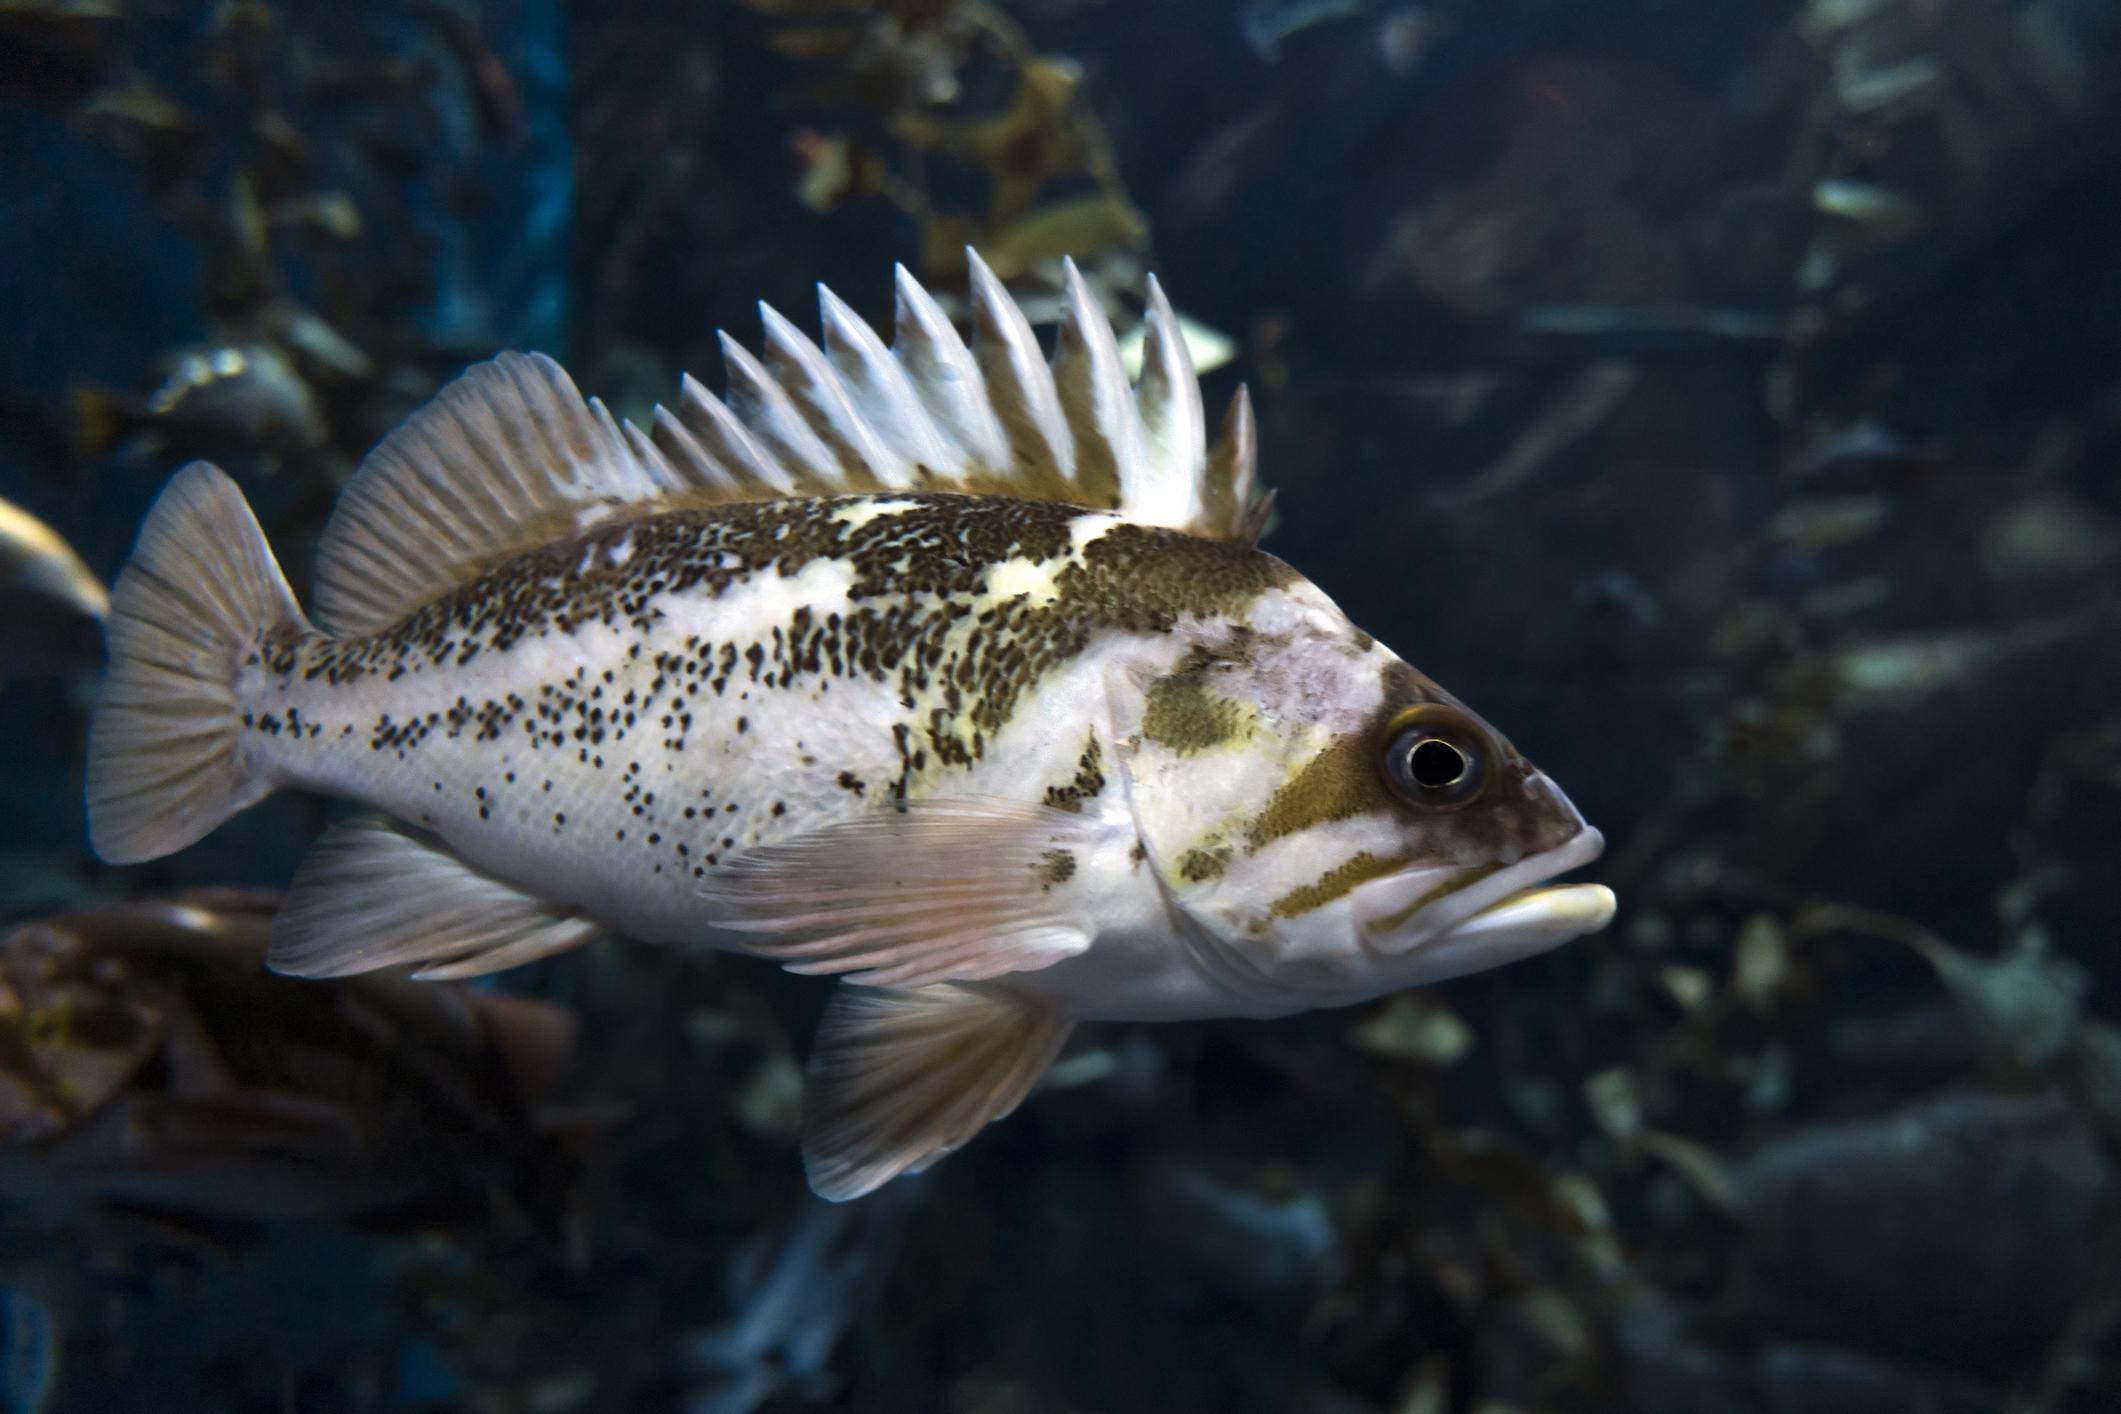 Океански костур. Енергия от 100 грама – 79 калории. Дълбоководна риба. Месото ѝ е богато на протеини и с изключително ниско съдържание на наситени мазнини. Богато е на минерали, включително желязо и на витамини от групите B, D, E и К. Съдържа и 19 полезни аминокиселини. Коефициент на хранителна стойност – 86.